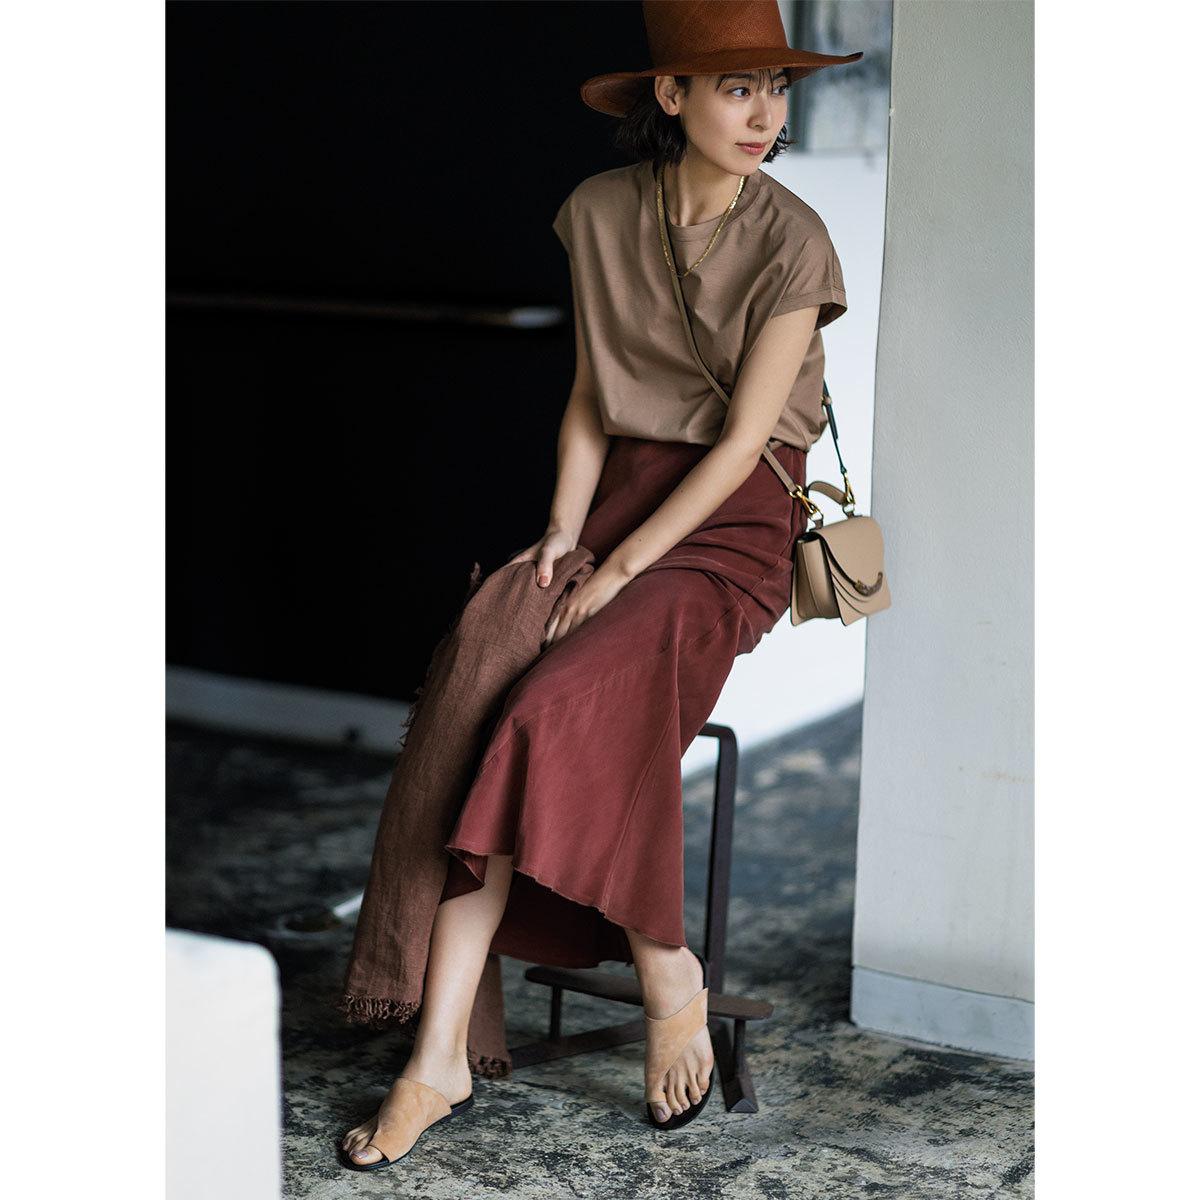 ブラウンロングスカートとブラウンTシャツ、サンダルのコーデ 小泉里子